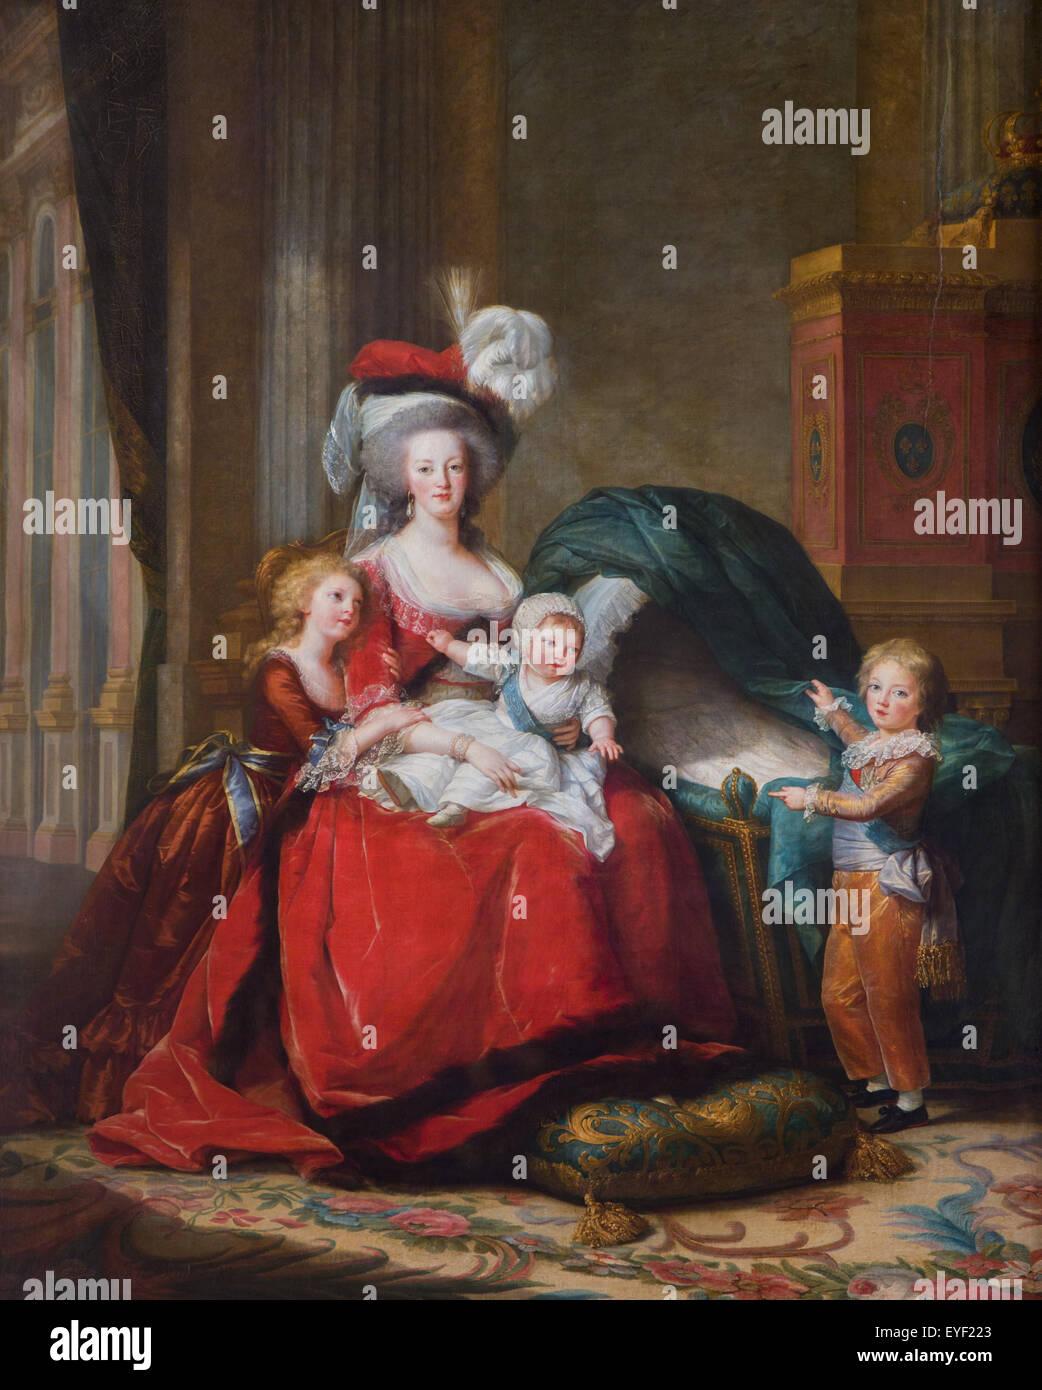 Die Königin Marie Antoinette und seinen Kindern 12.10.2013 - Sammlung des 19. Jahrhunderts Stockbild